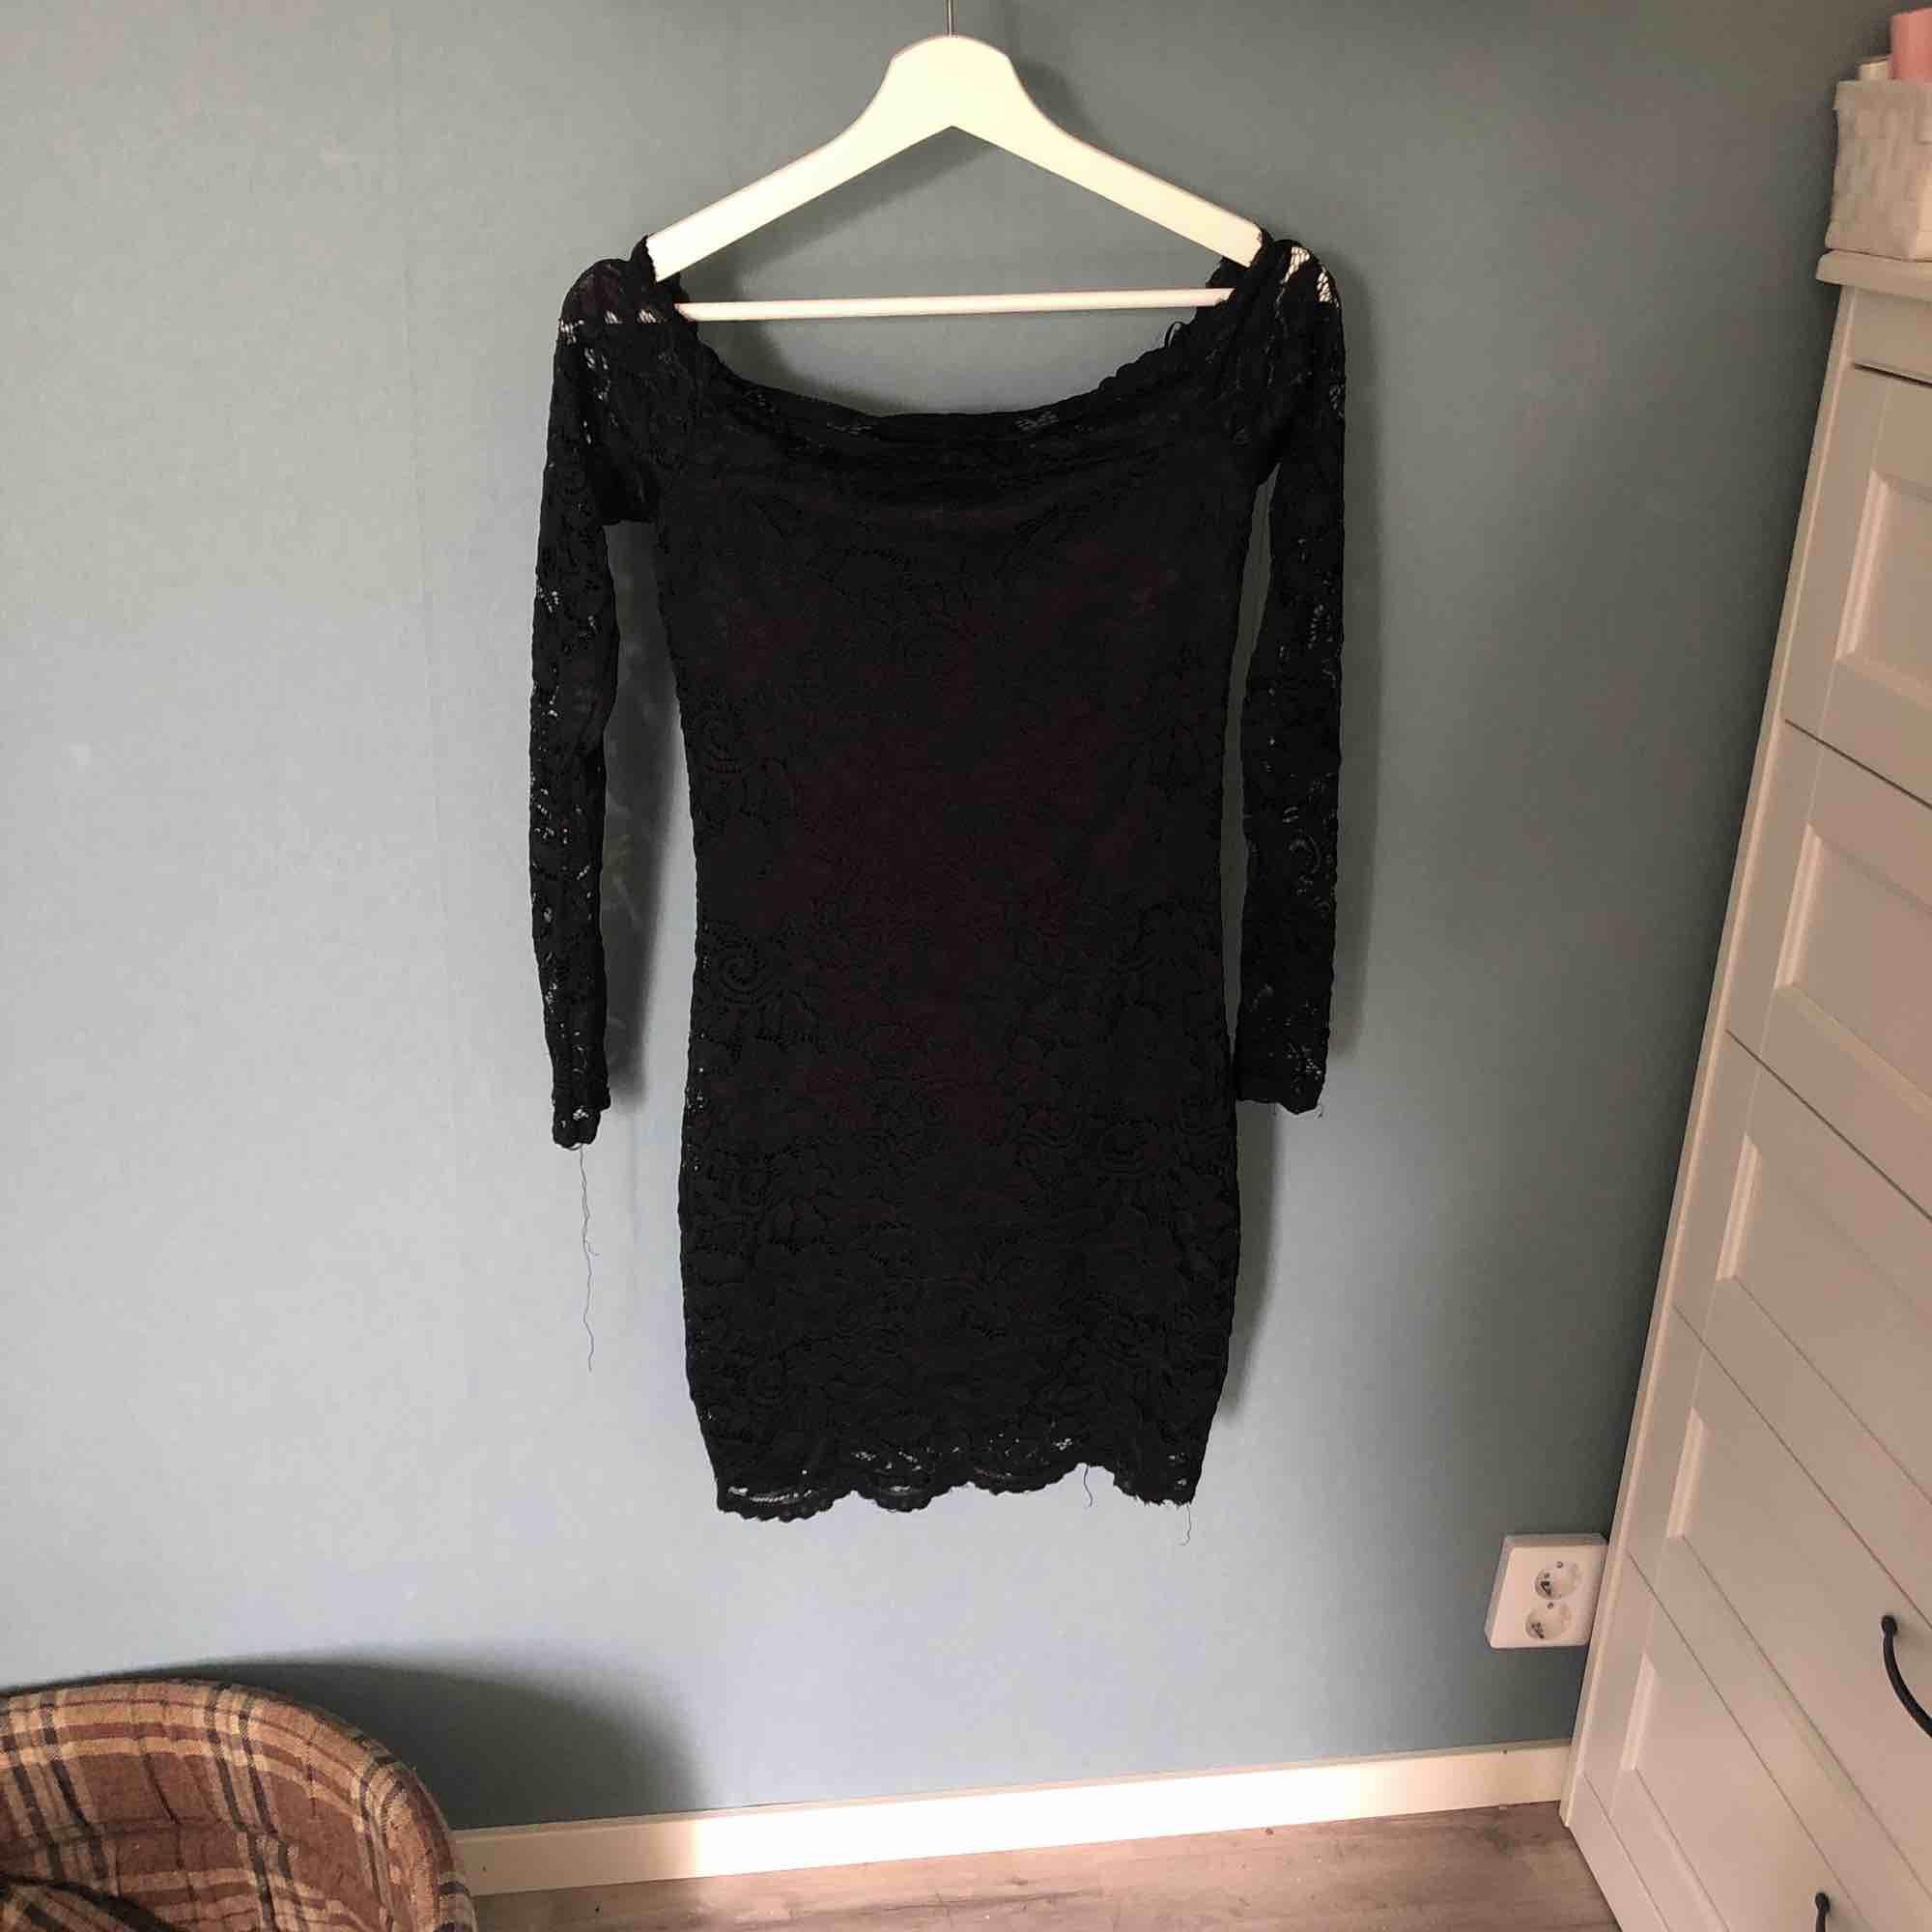 Svart off shoulder, spetsklänning med långa ärmar använd max 2 gånger har fin spetskant vid bröstkorgen tror den kommer från Gina tricot. Klänningar.